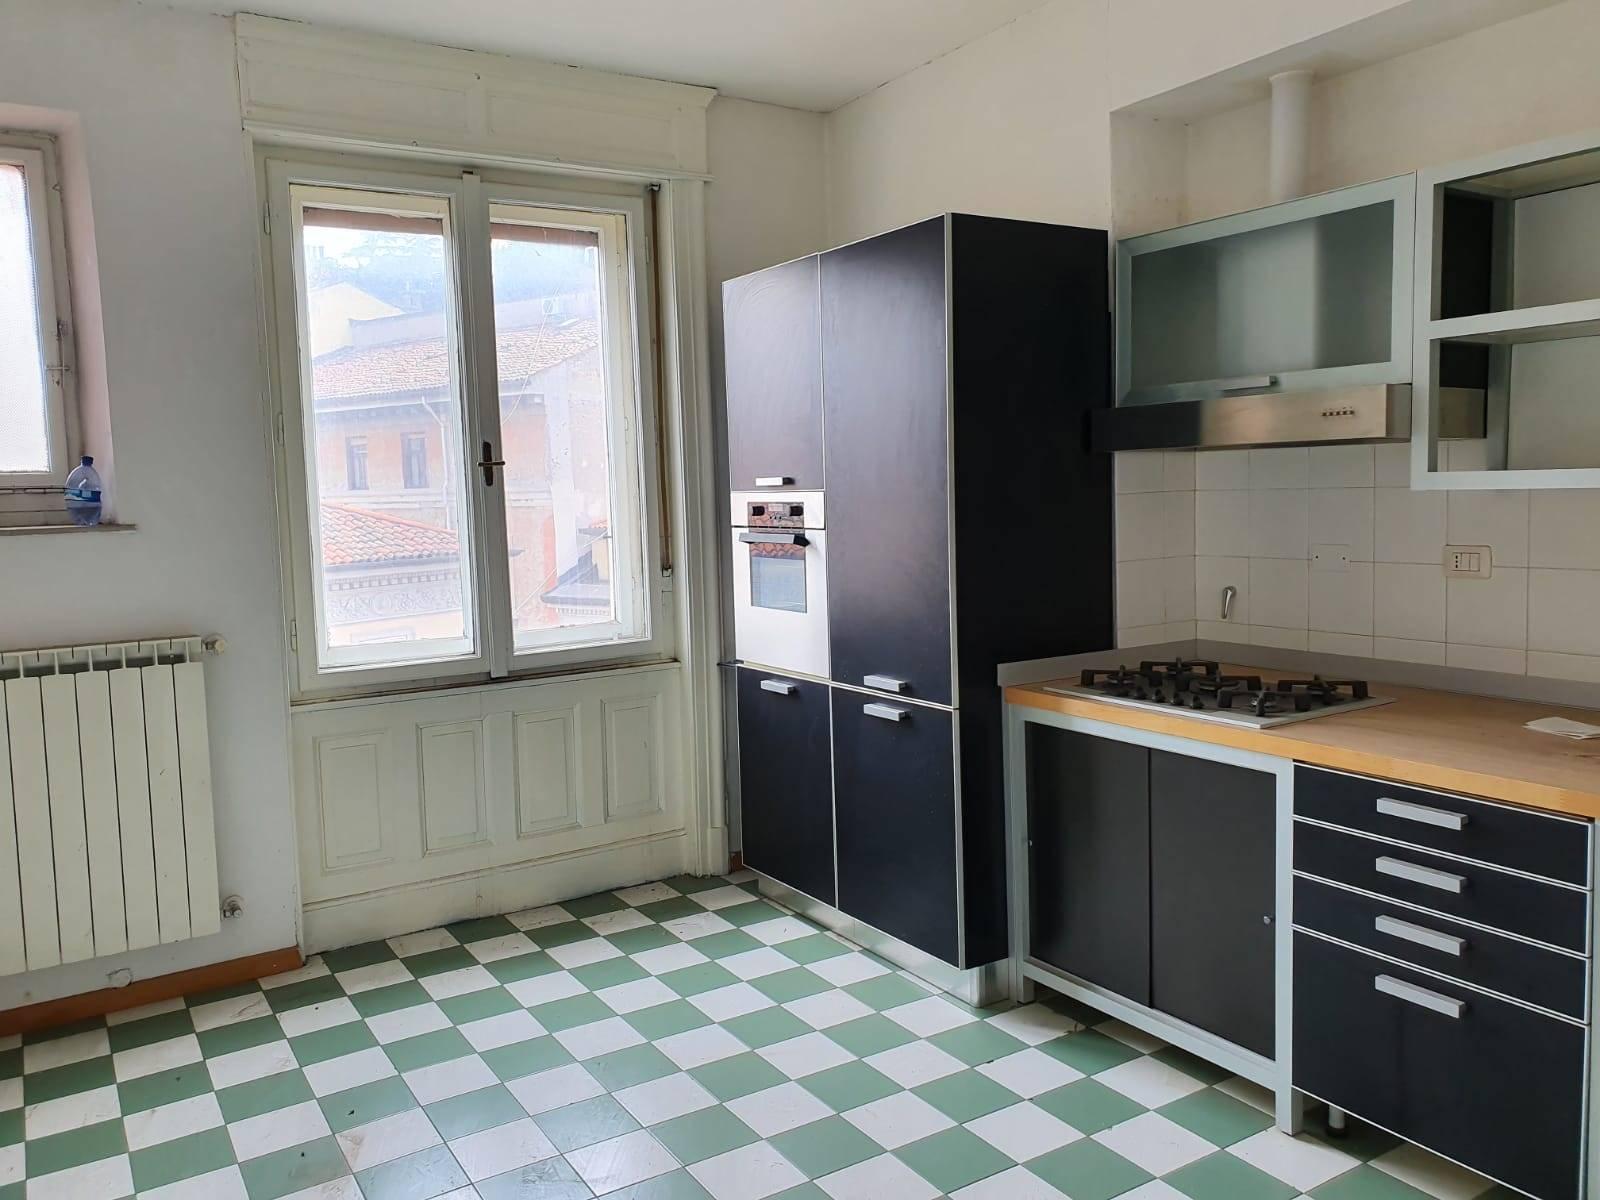 Appartamento in affitto a Trieste, 6 locali, zona Zona: Centro, prezzo € 1.350   CambioCasa.it